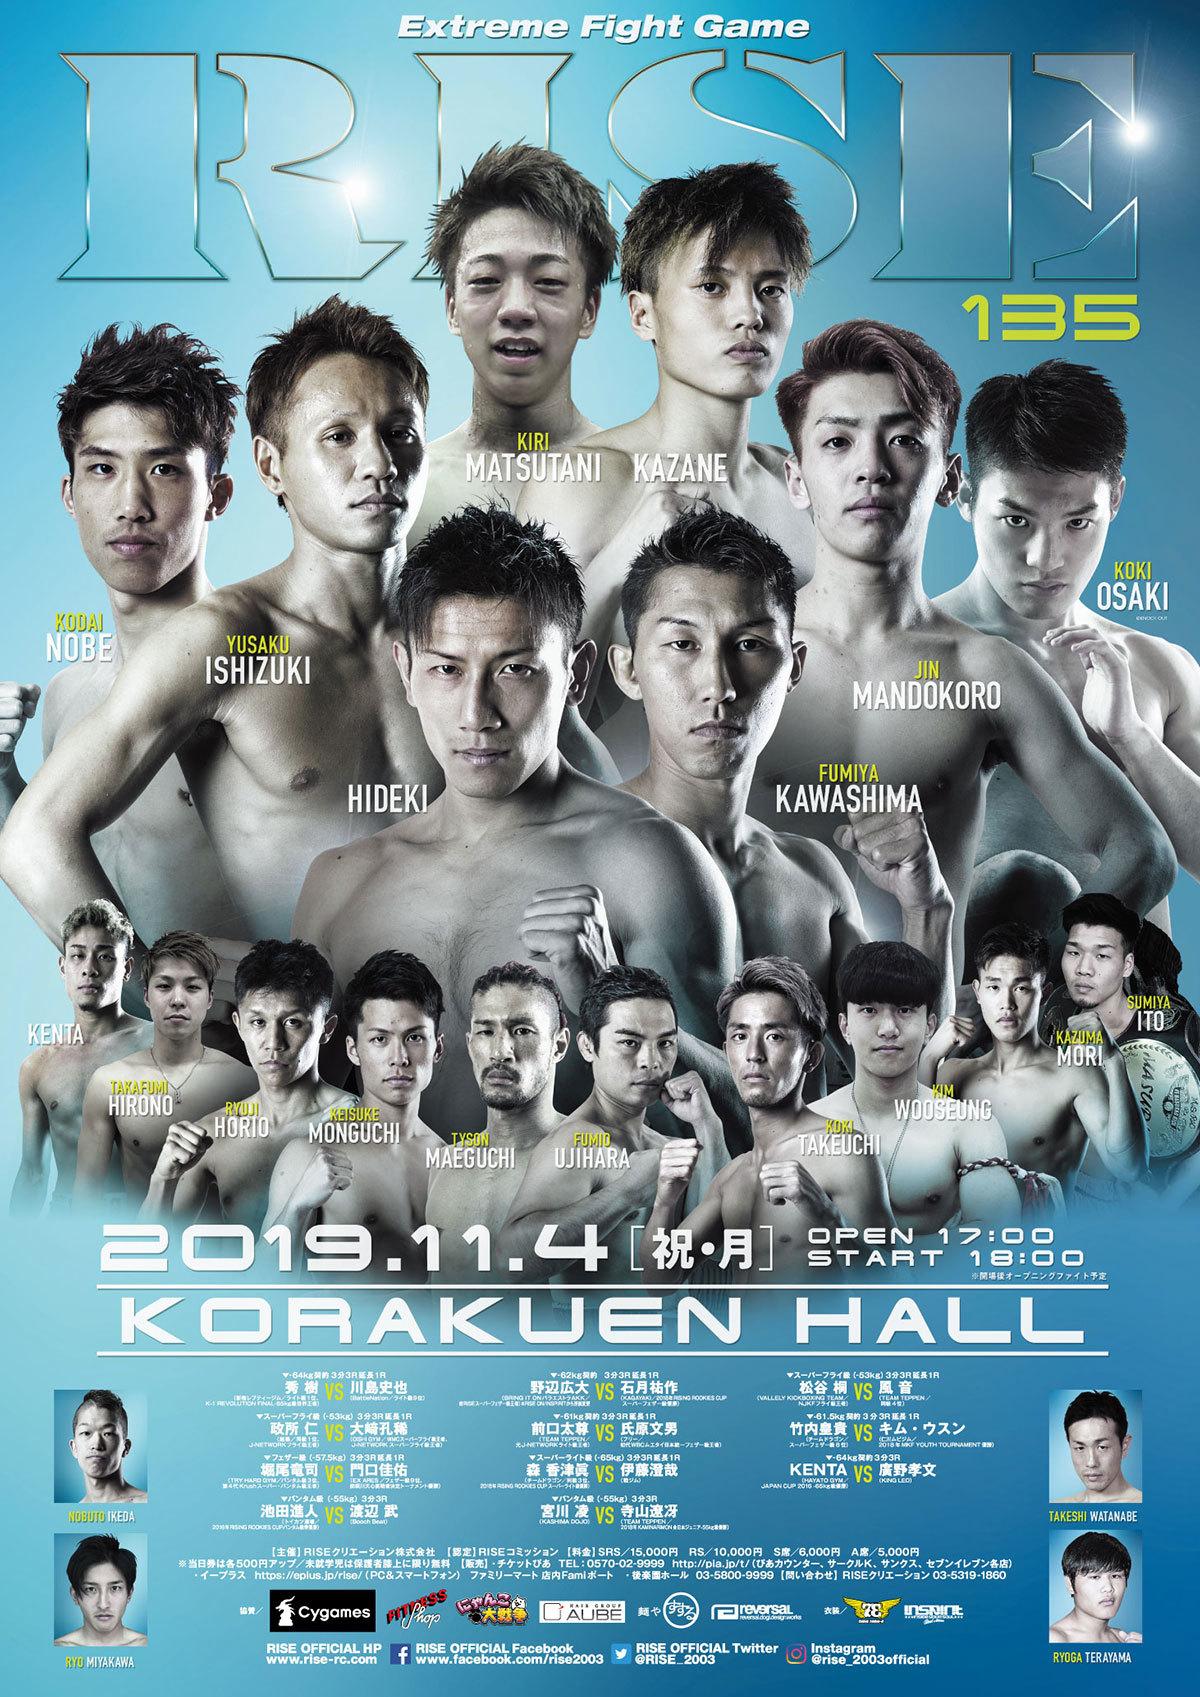 『RISE135』は11月4日(月・休)に後楽園ホール(東京都)で開催される